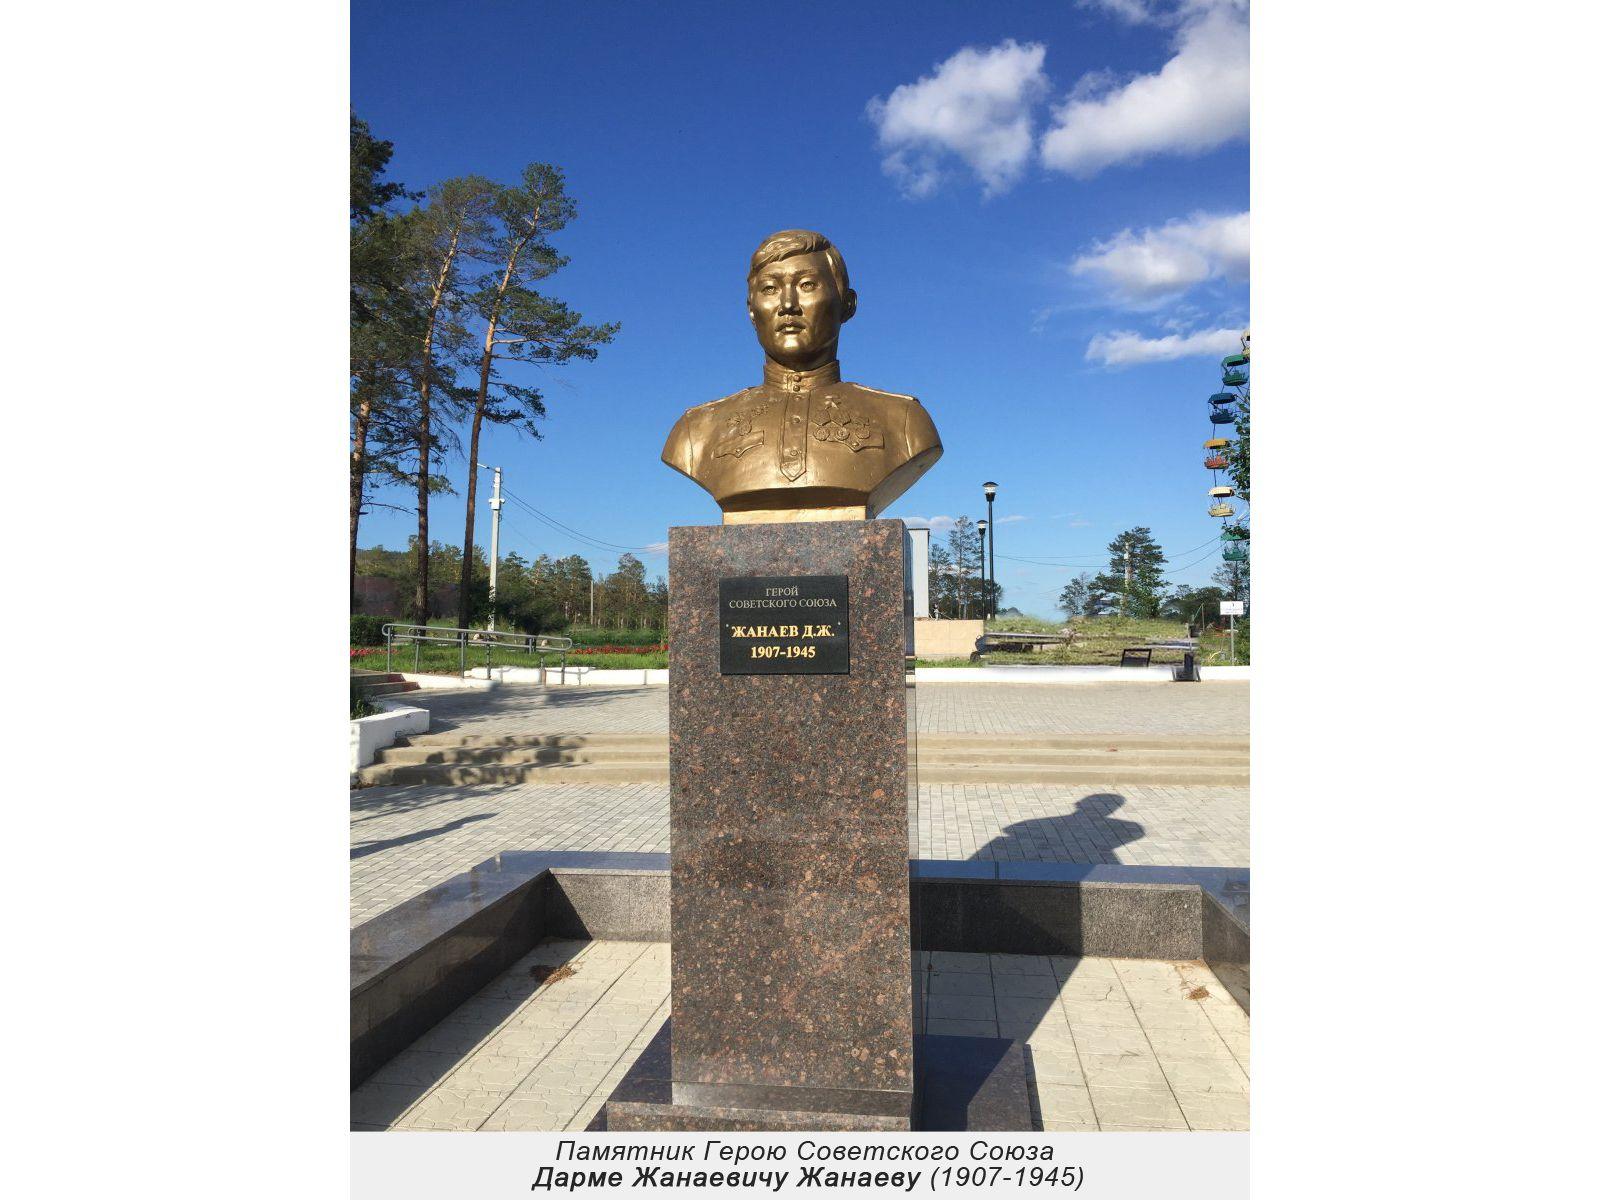 «Этот день в истории: события, факты, люди. Верхнеудинск — Улан-Удэ» — 22 октября